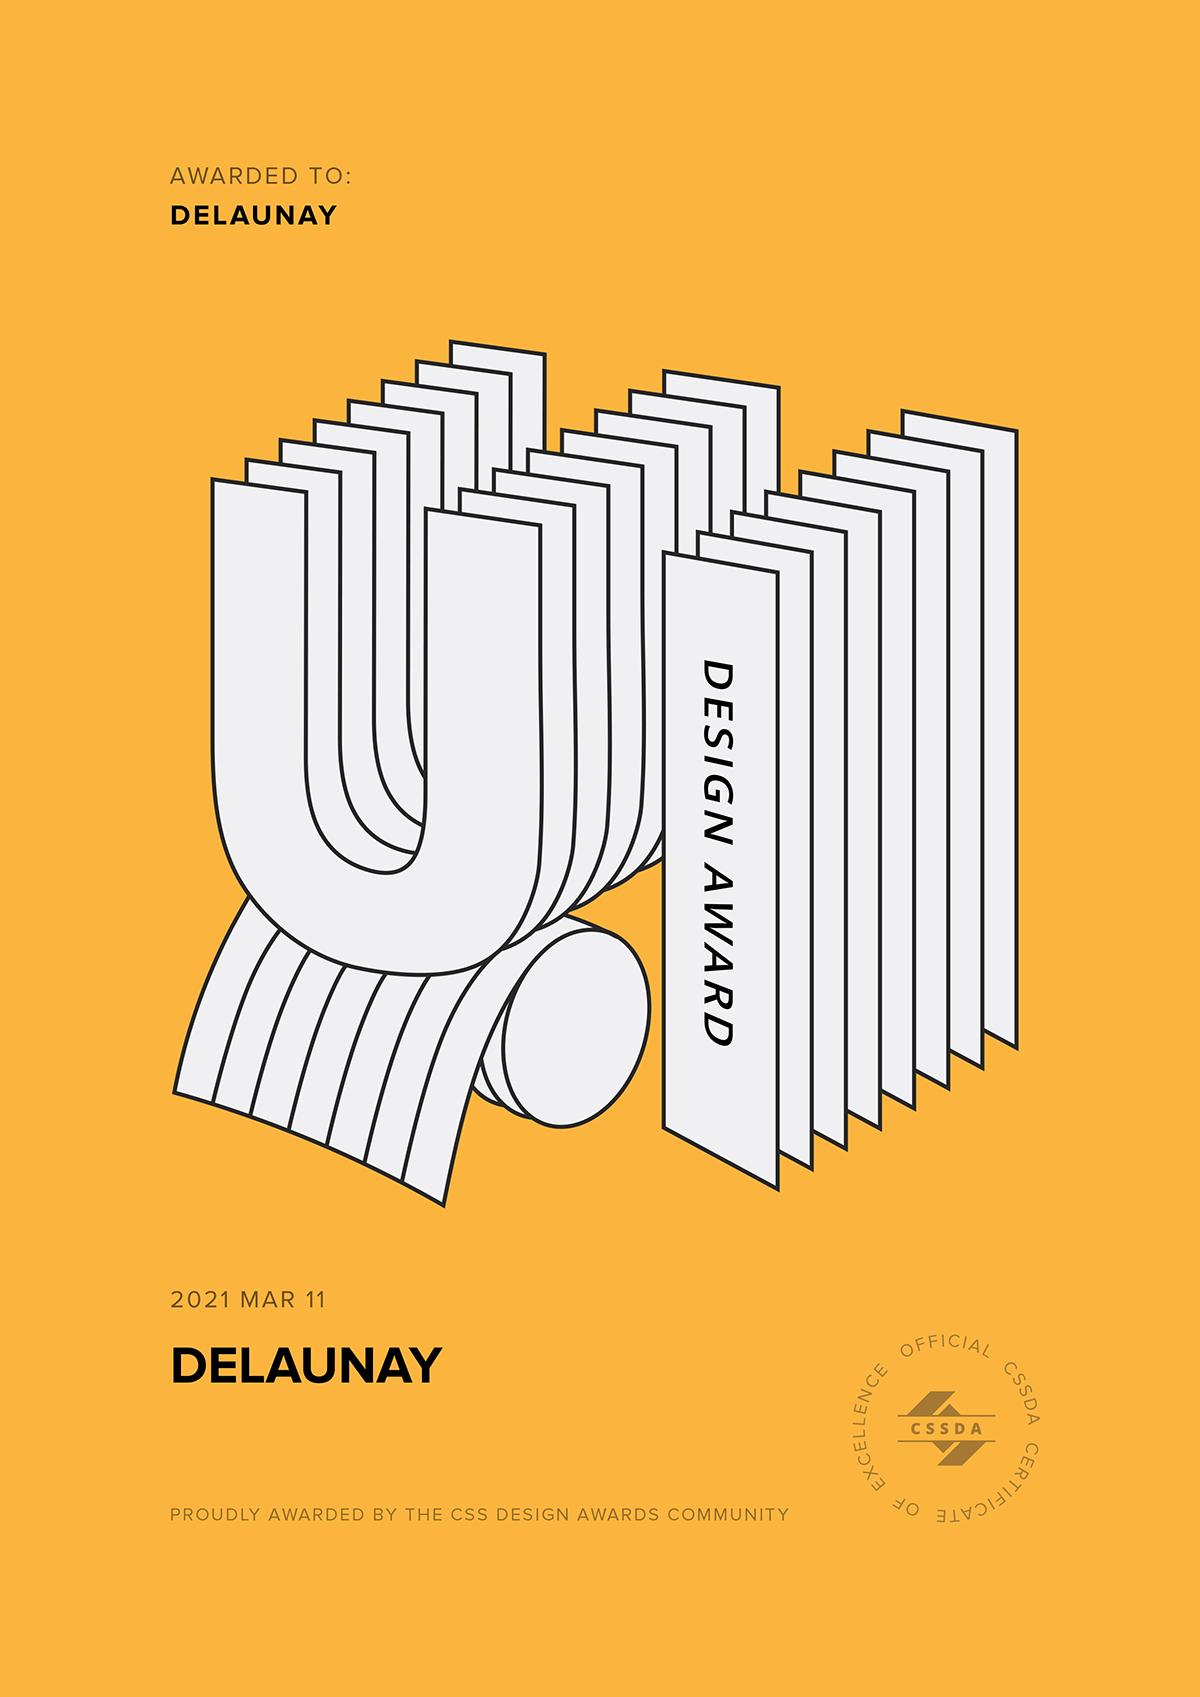 cssda-ui-DELAUNAY